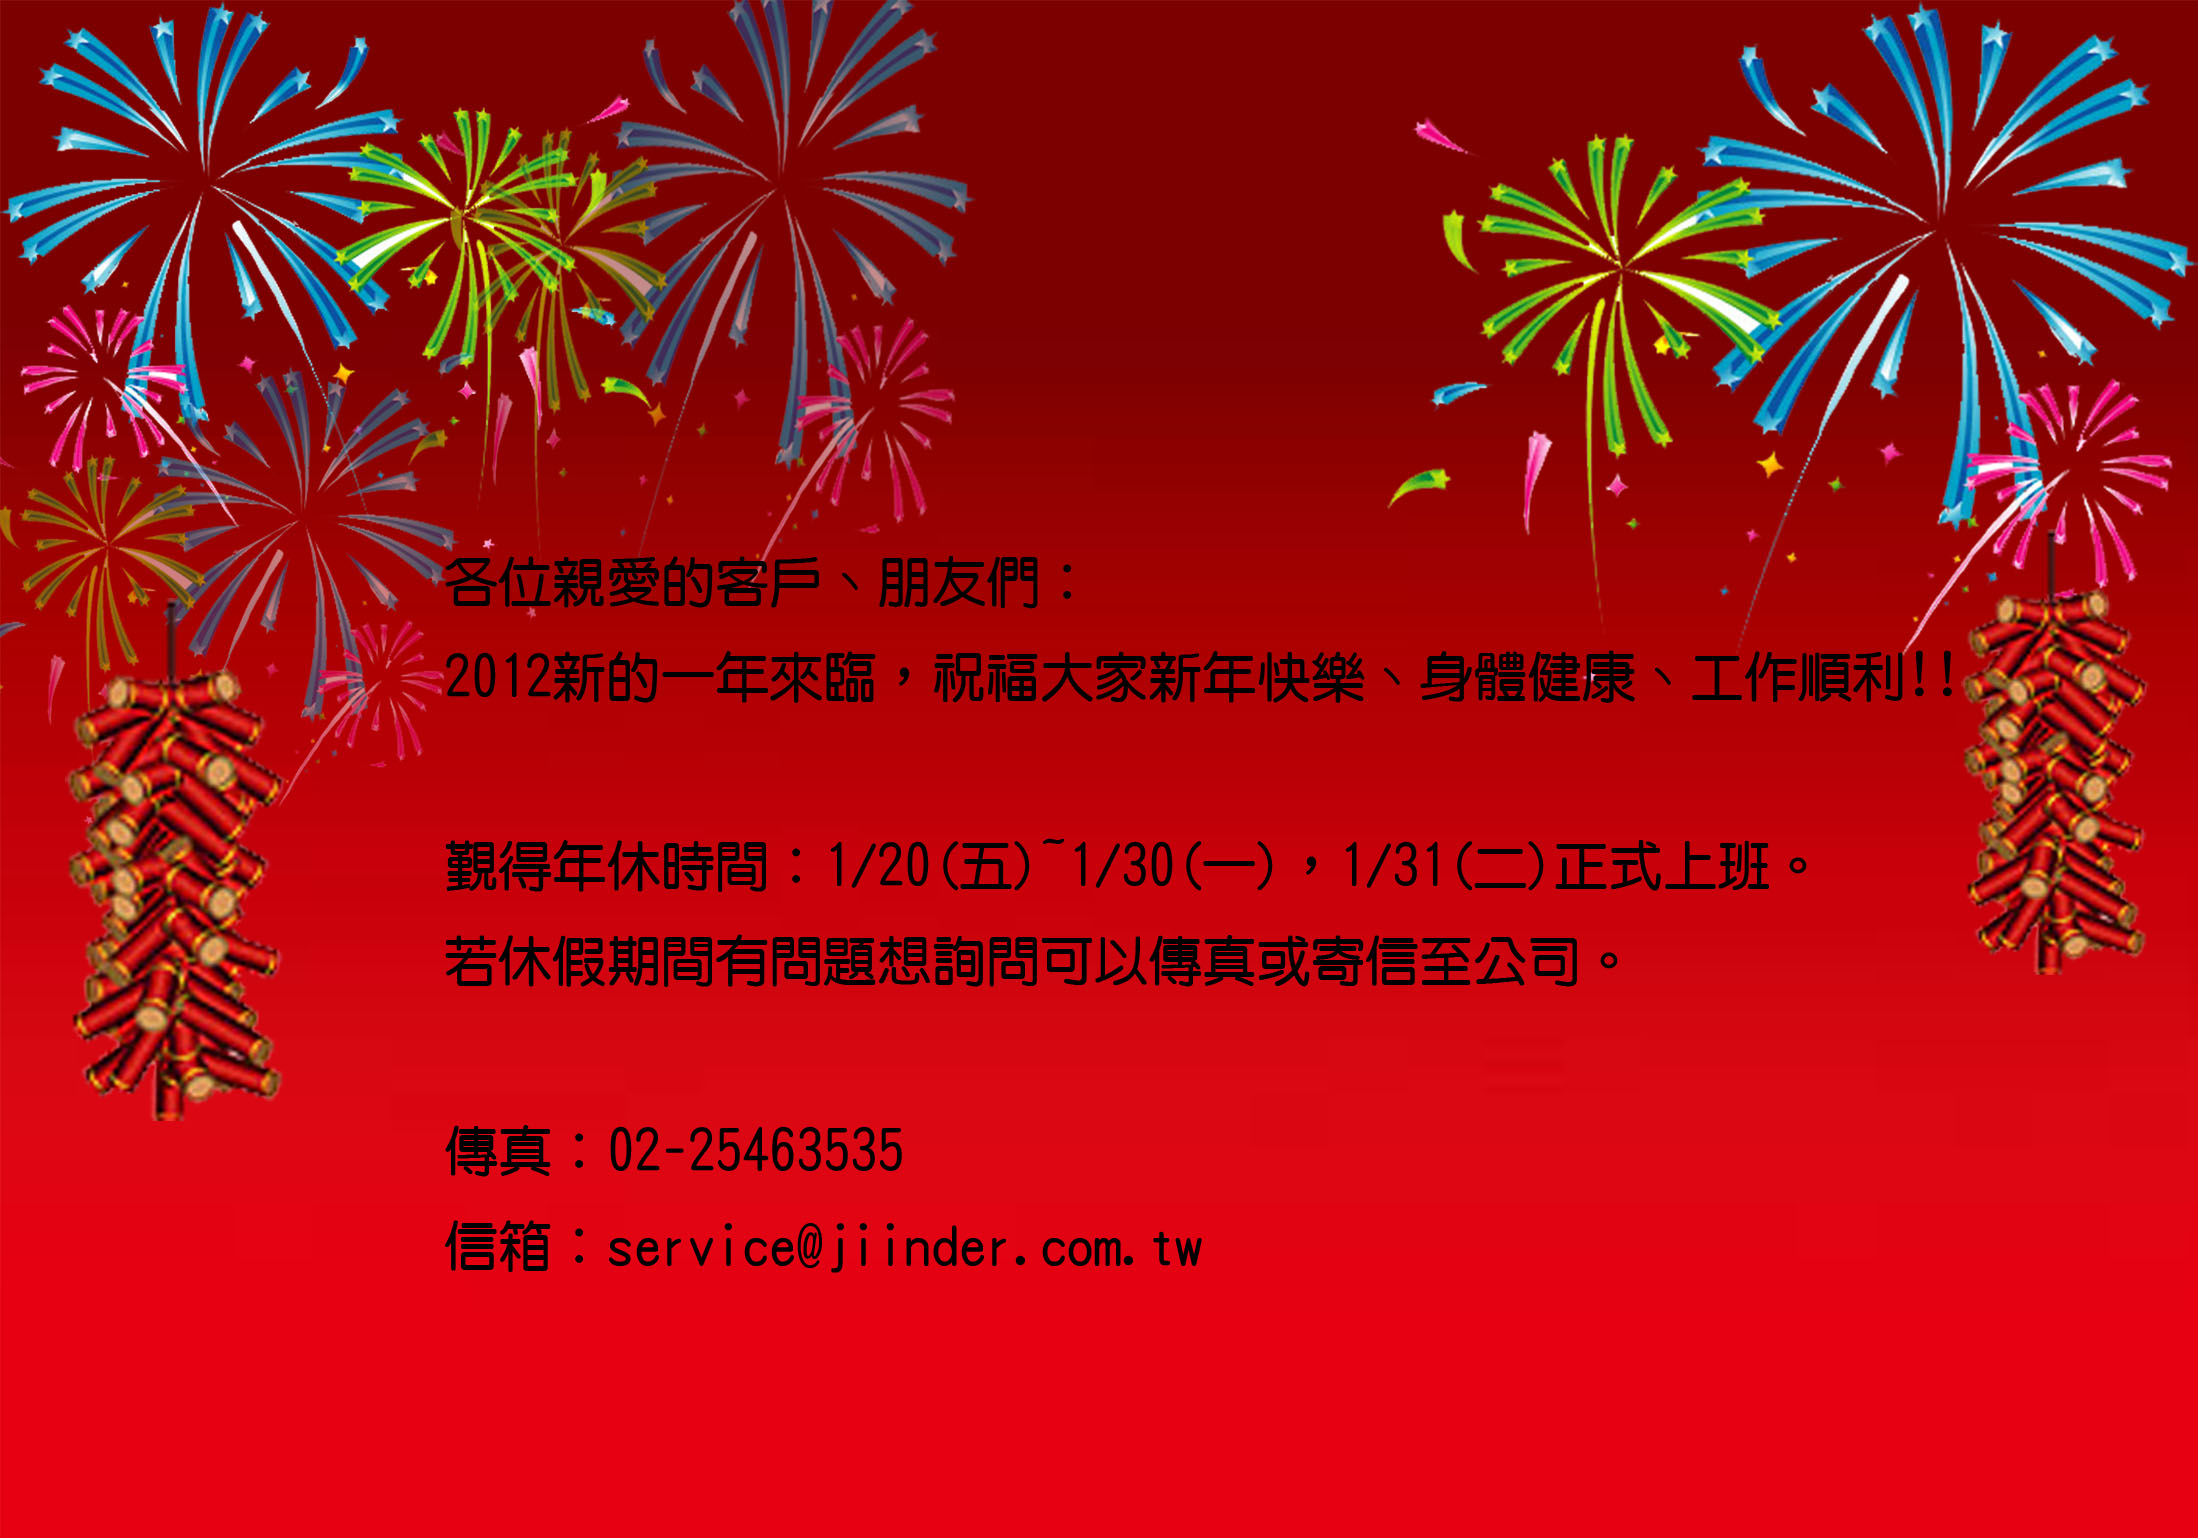 2012新年賀卡.jpg